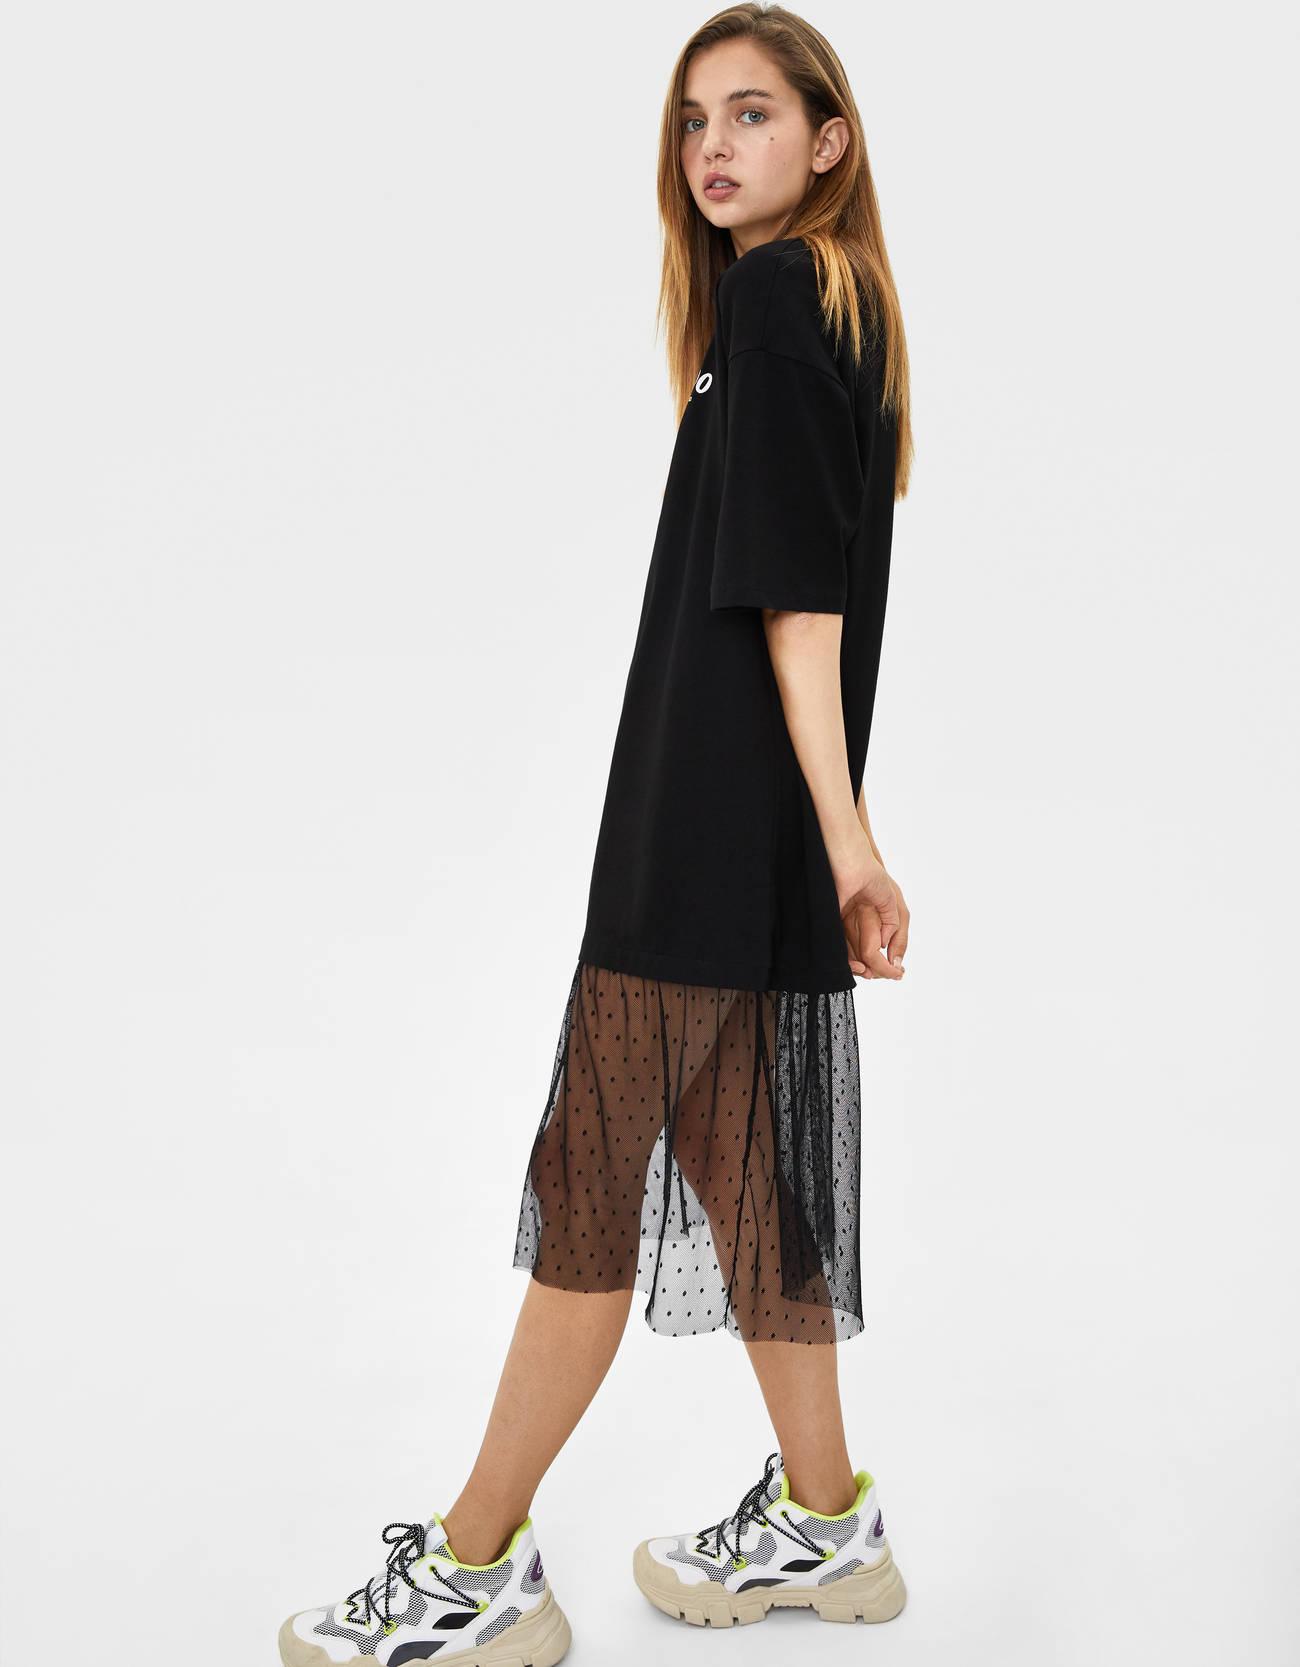 Платье с отделкой из прозрачной ткани по низу Черный Bershka